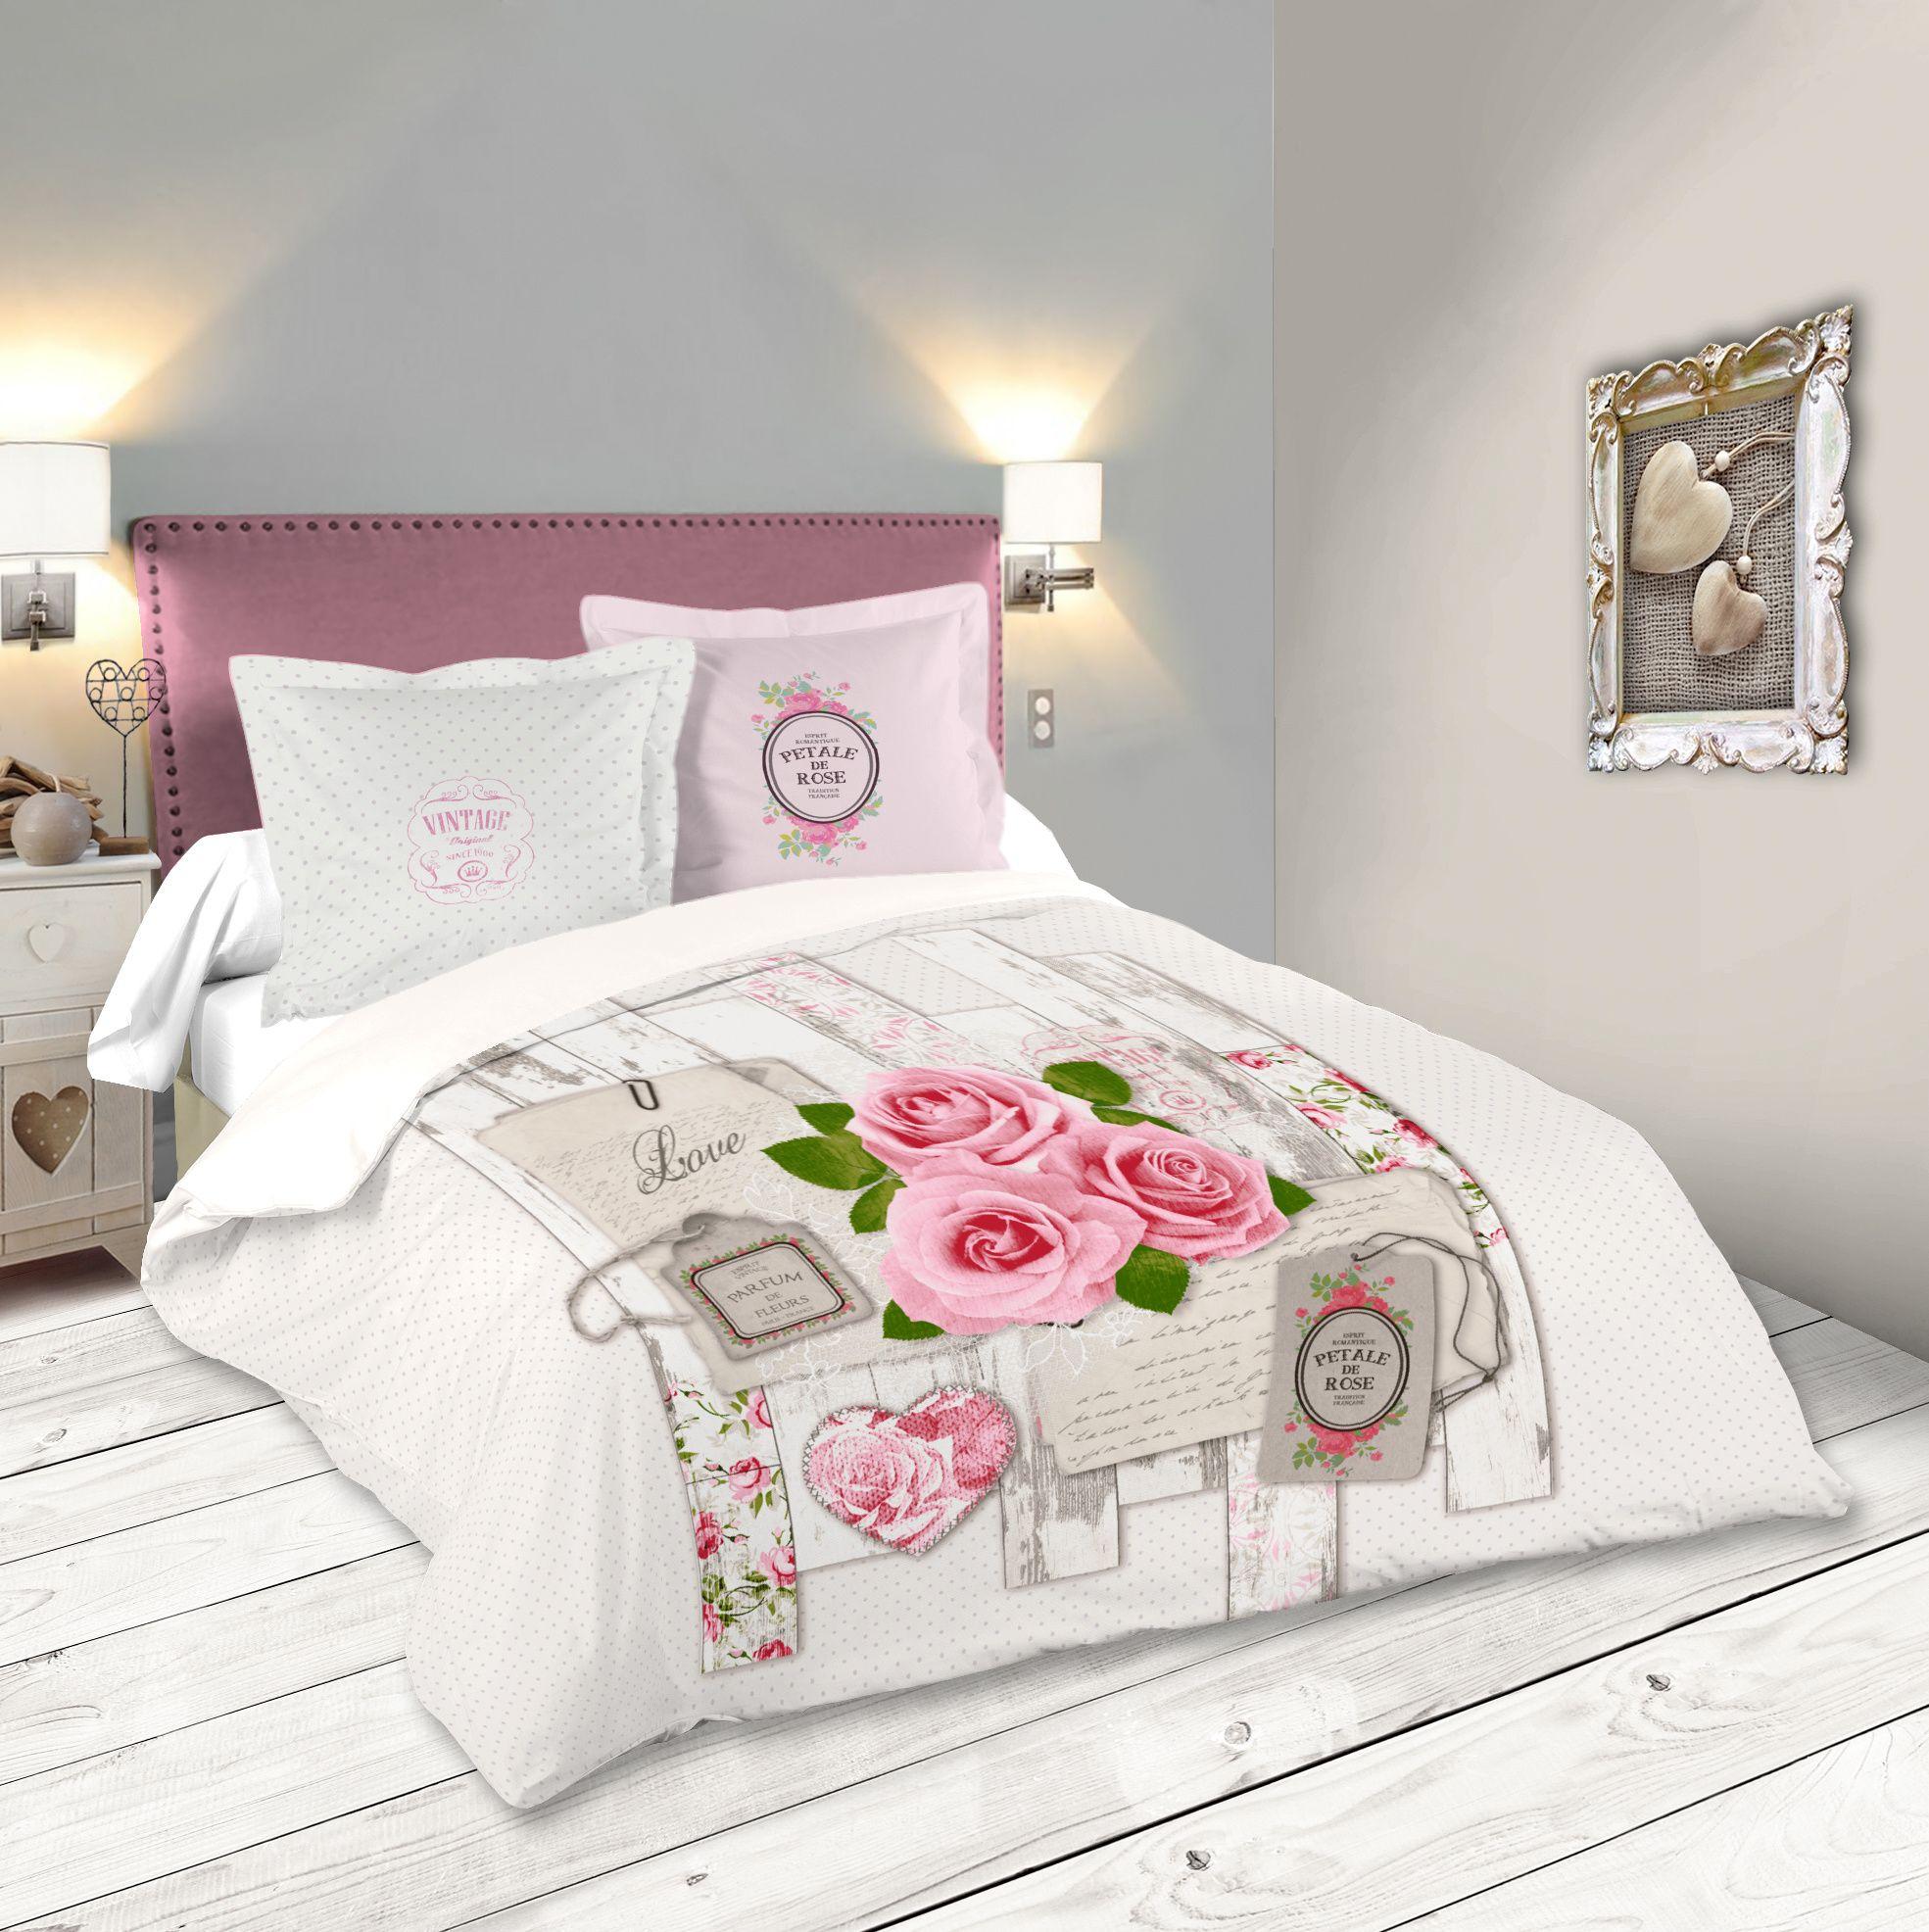 Parure De Lit Romantique Motifs Roses 240x220cm Housse De Couette 2 Taies 63x63cm Capeline Parure De Lit Housse De Couette Romantique Housse De Couette